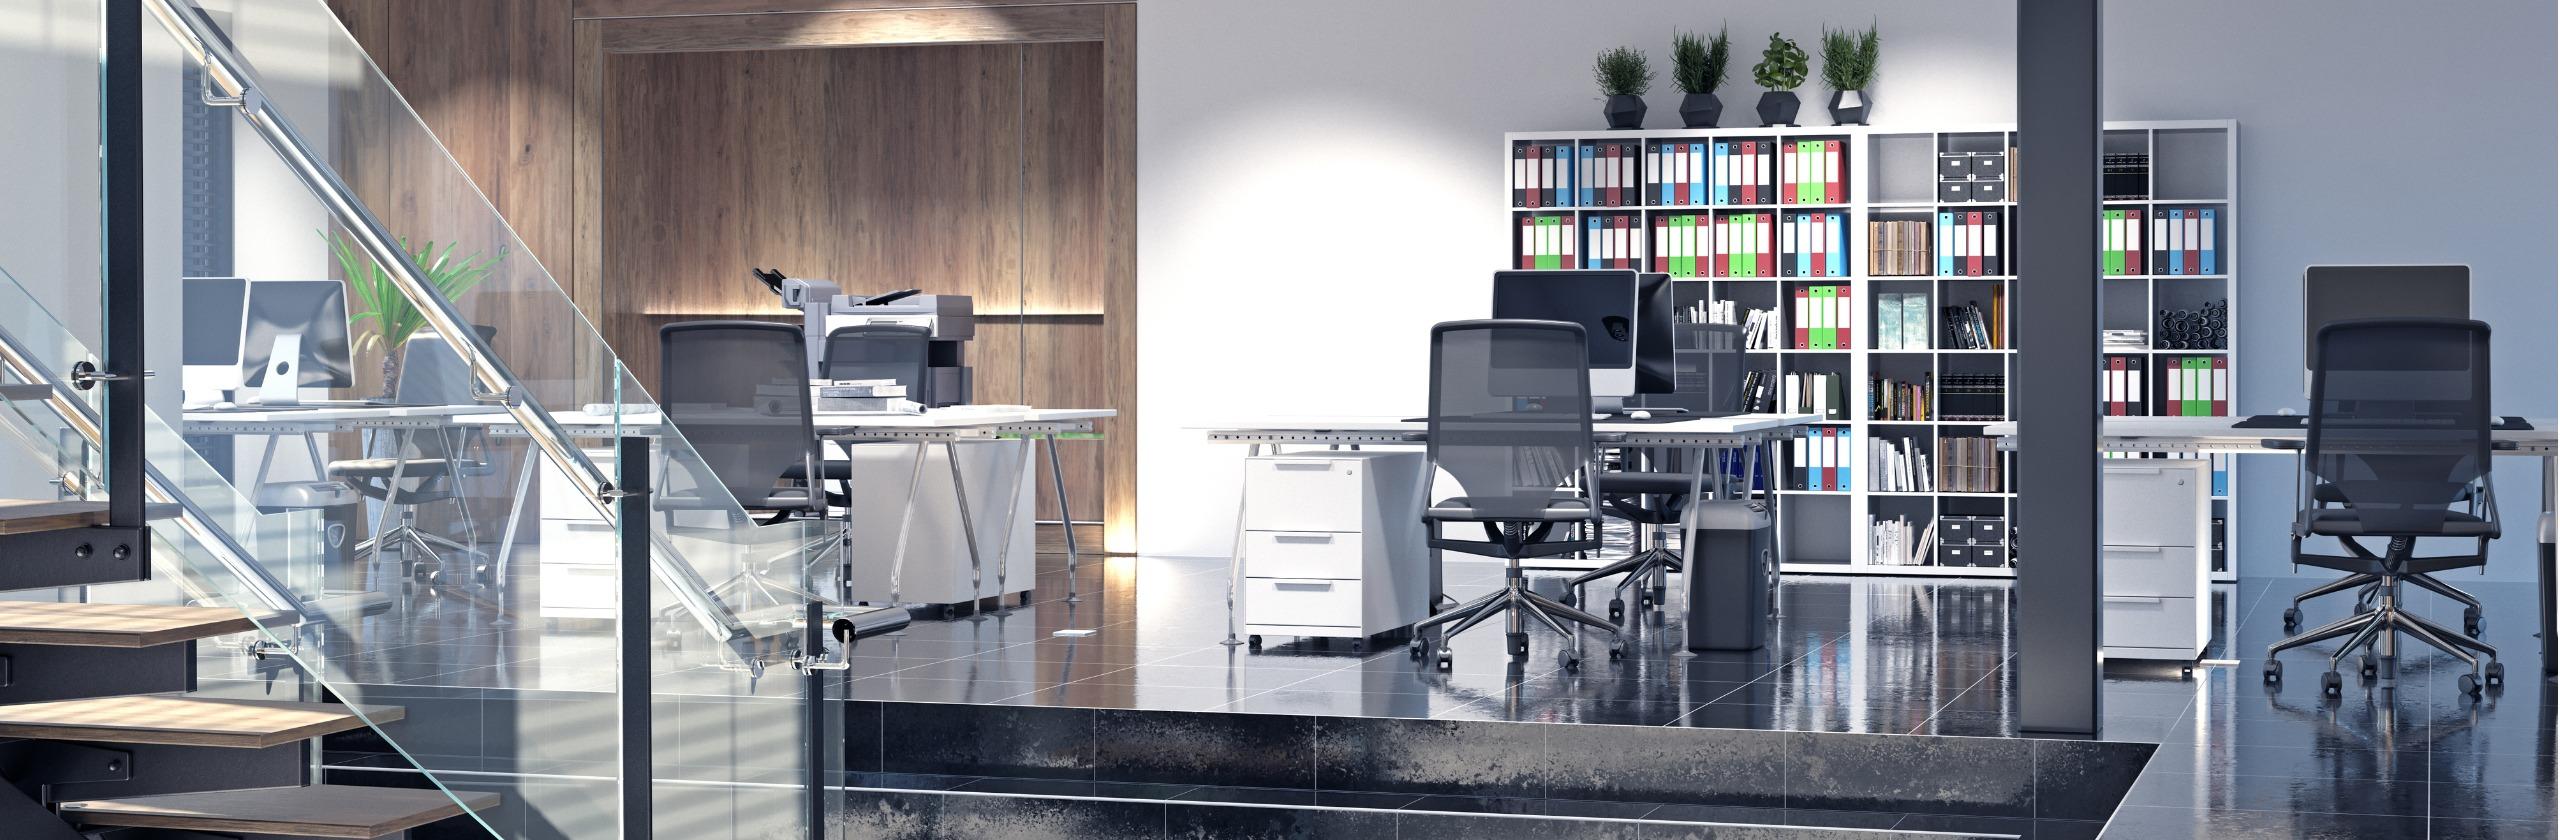 GmbH Ankauf mit Büro